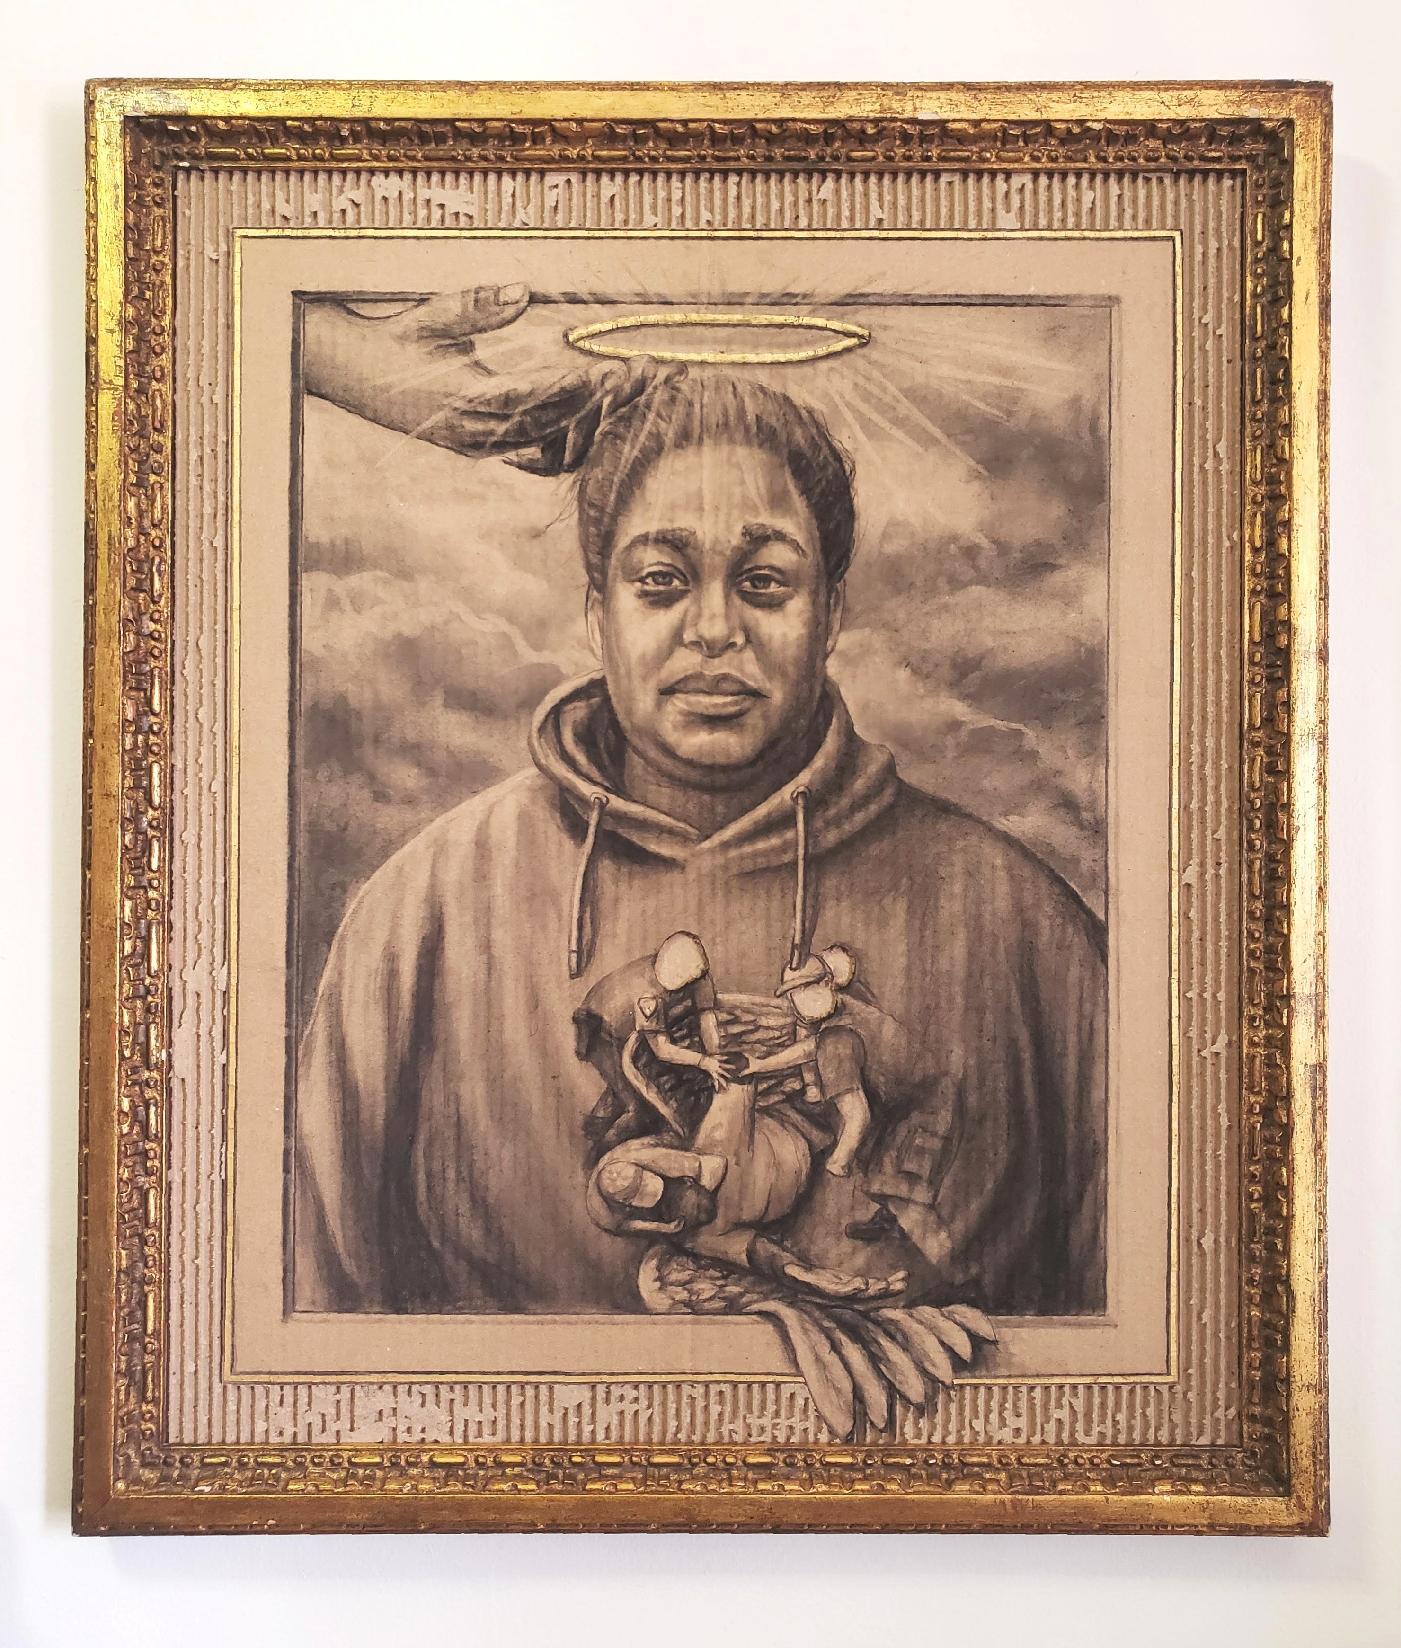 St. Erica Garner